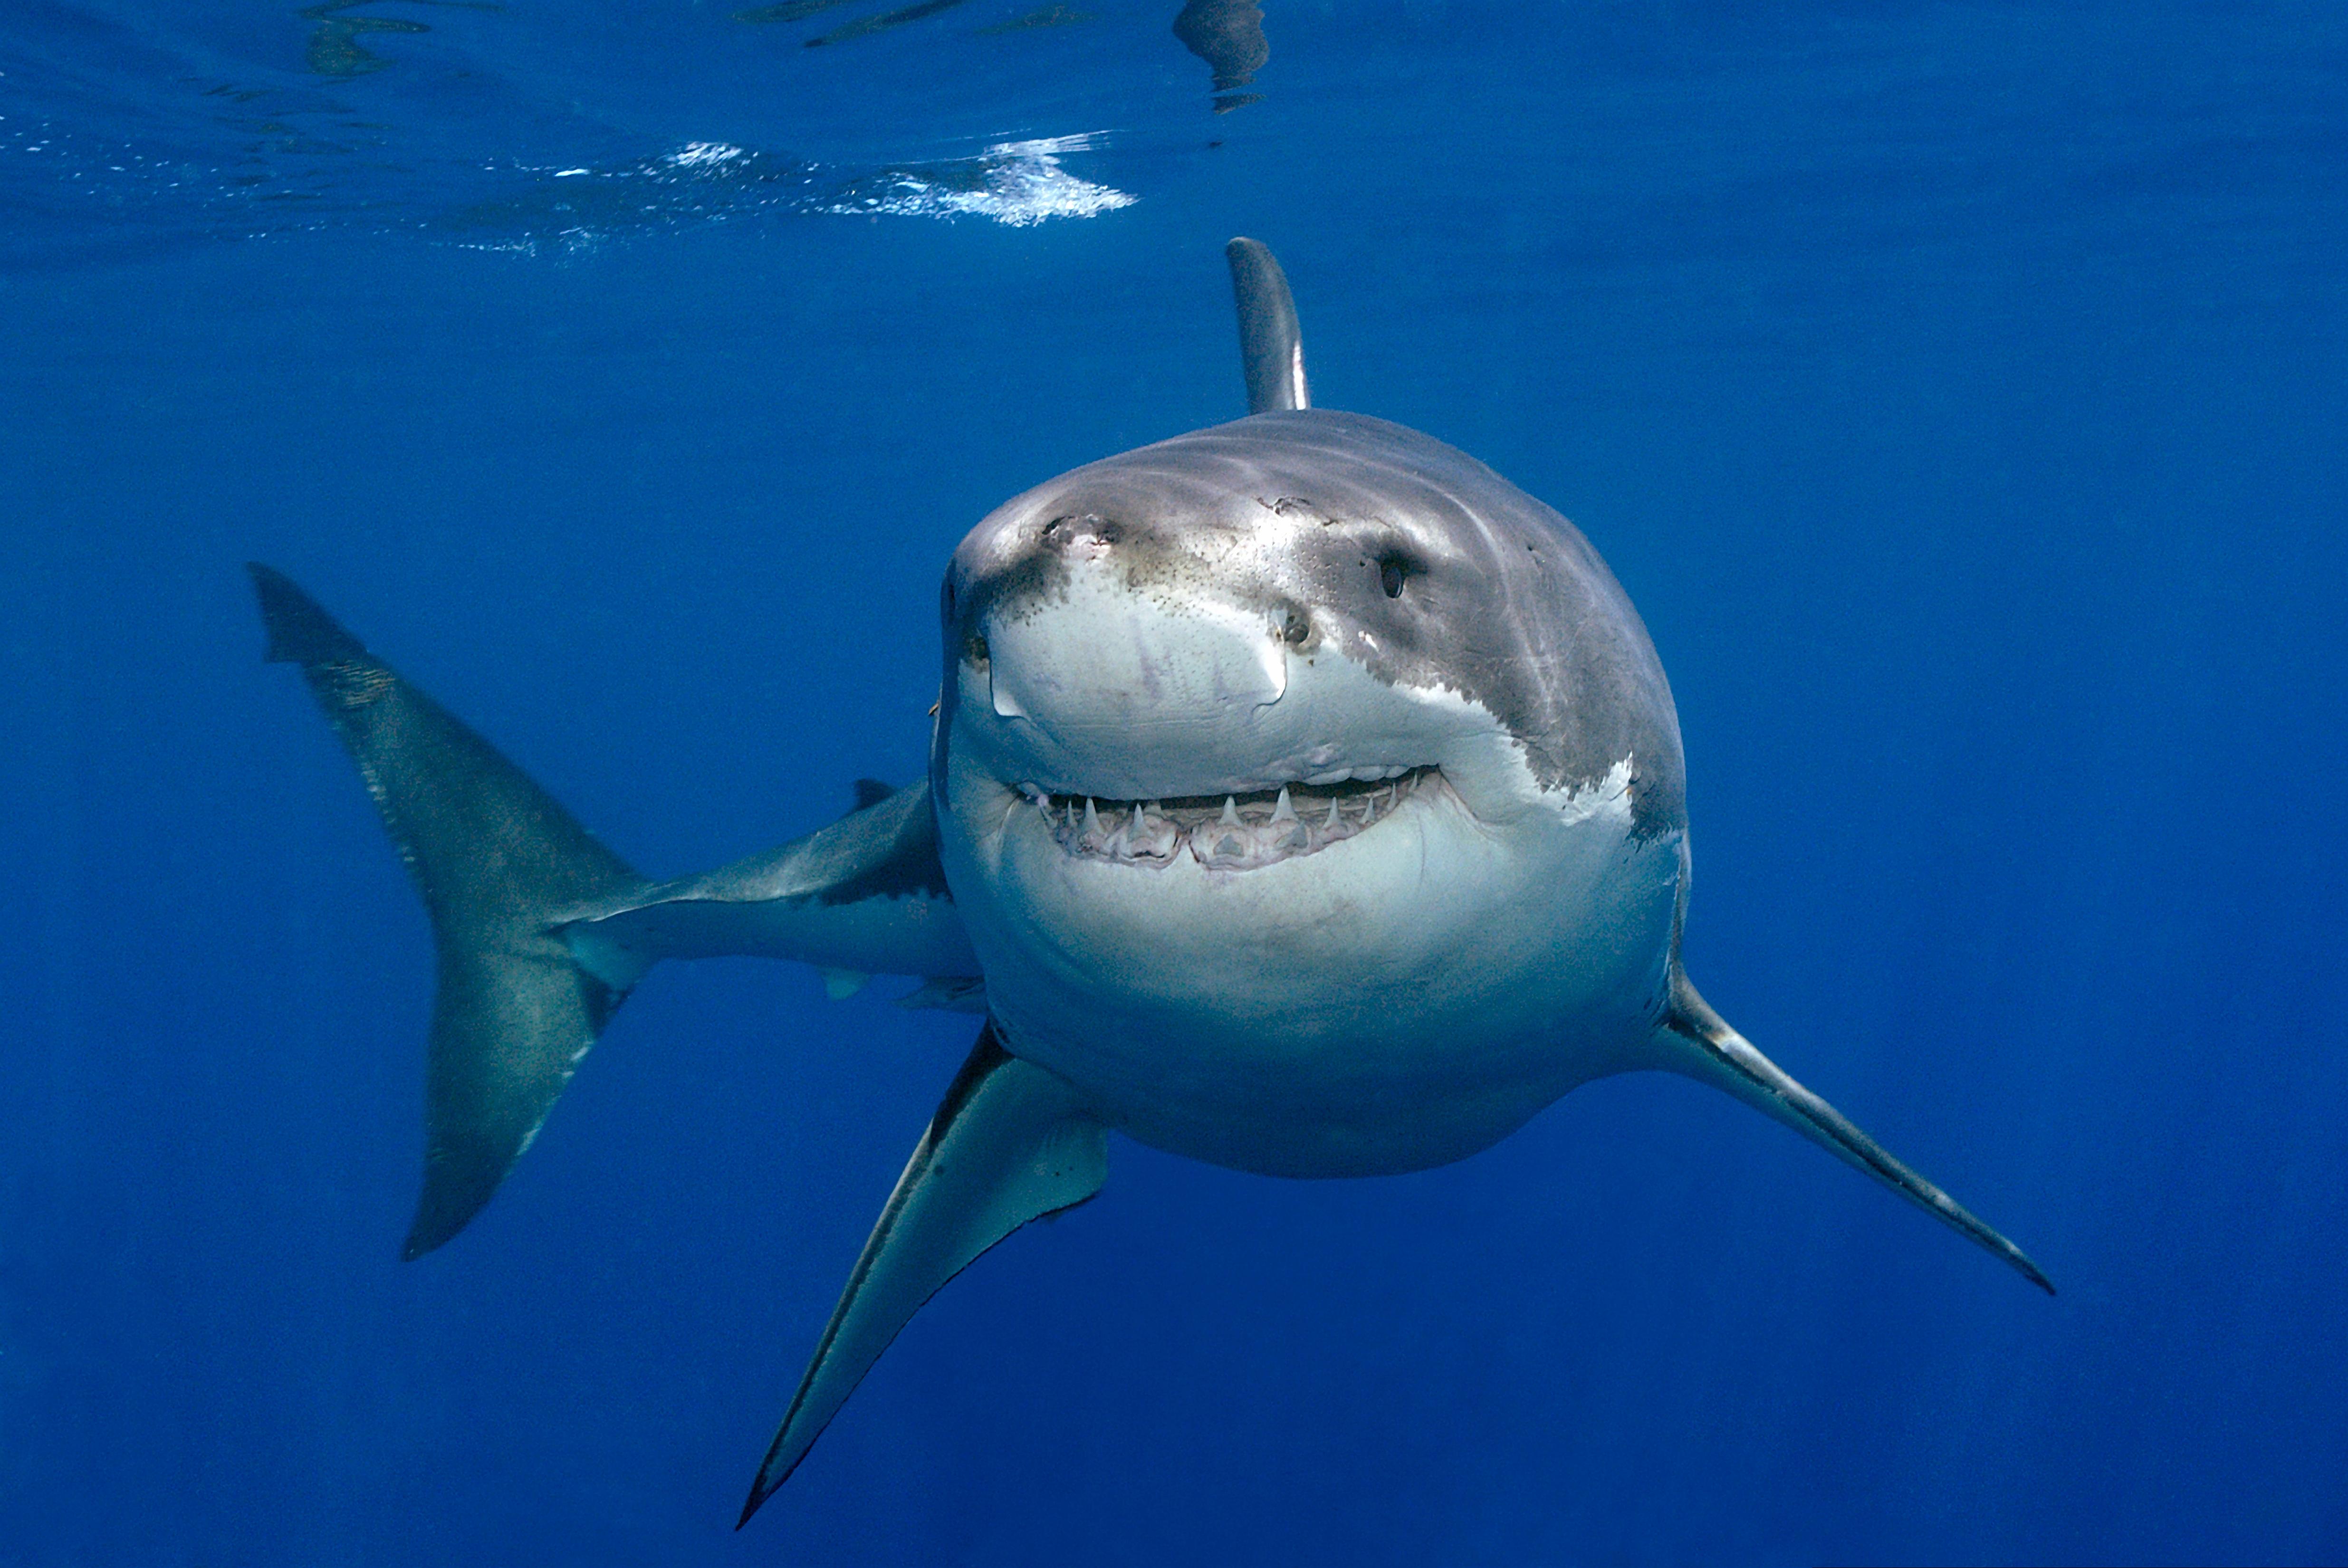 Shark clipart great white shark #15